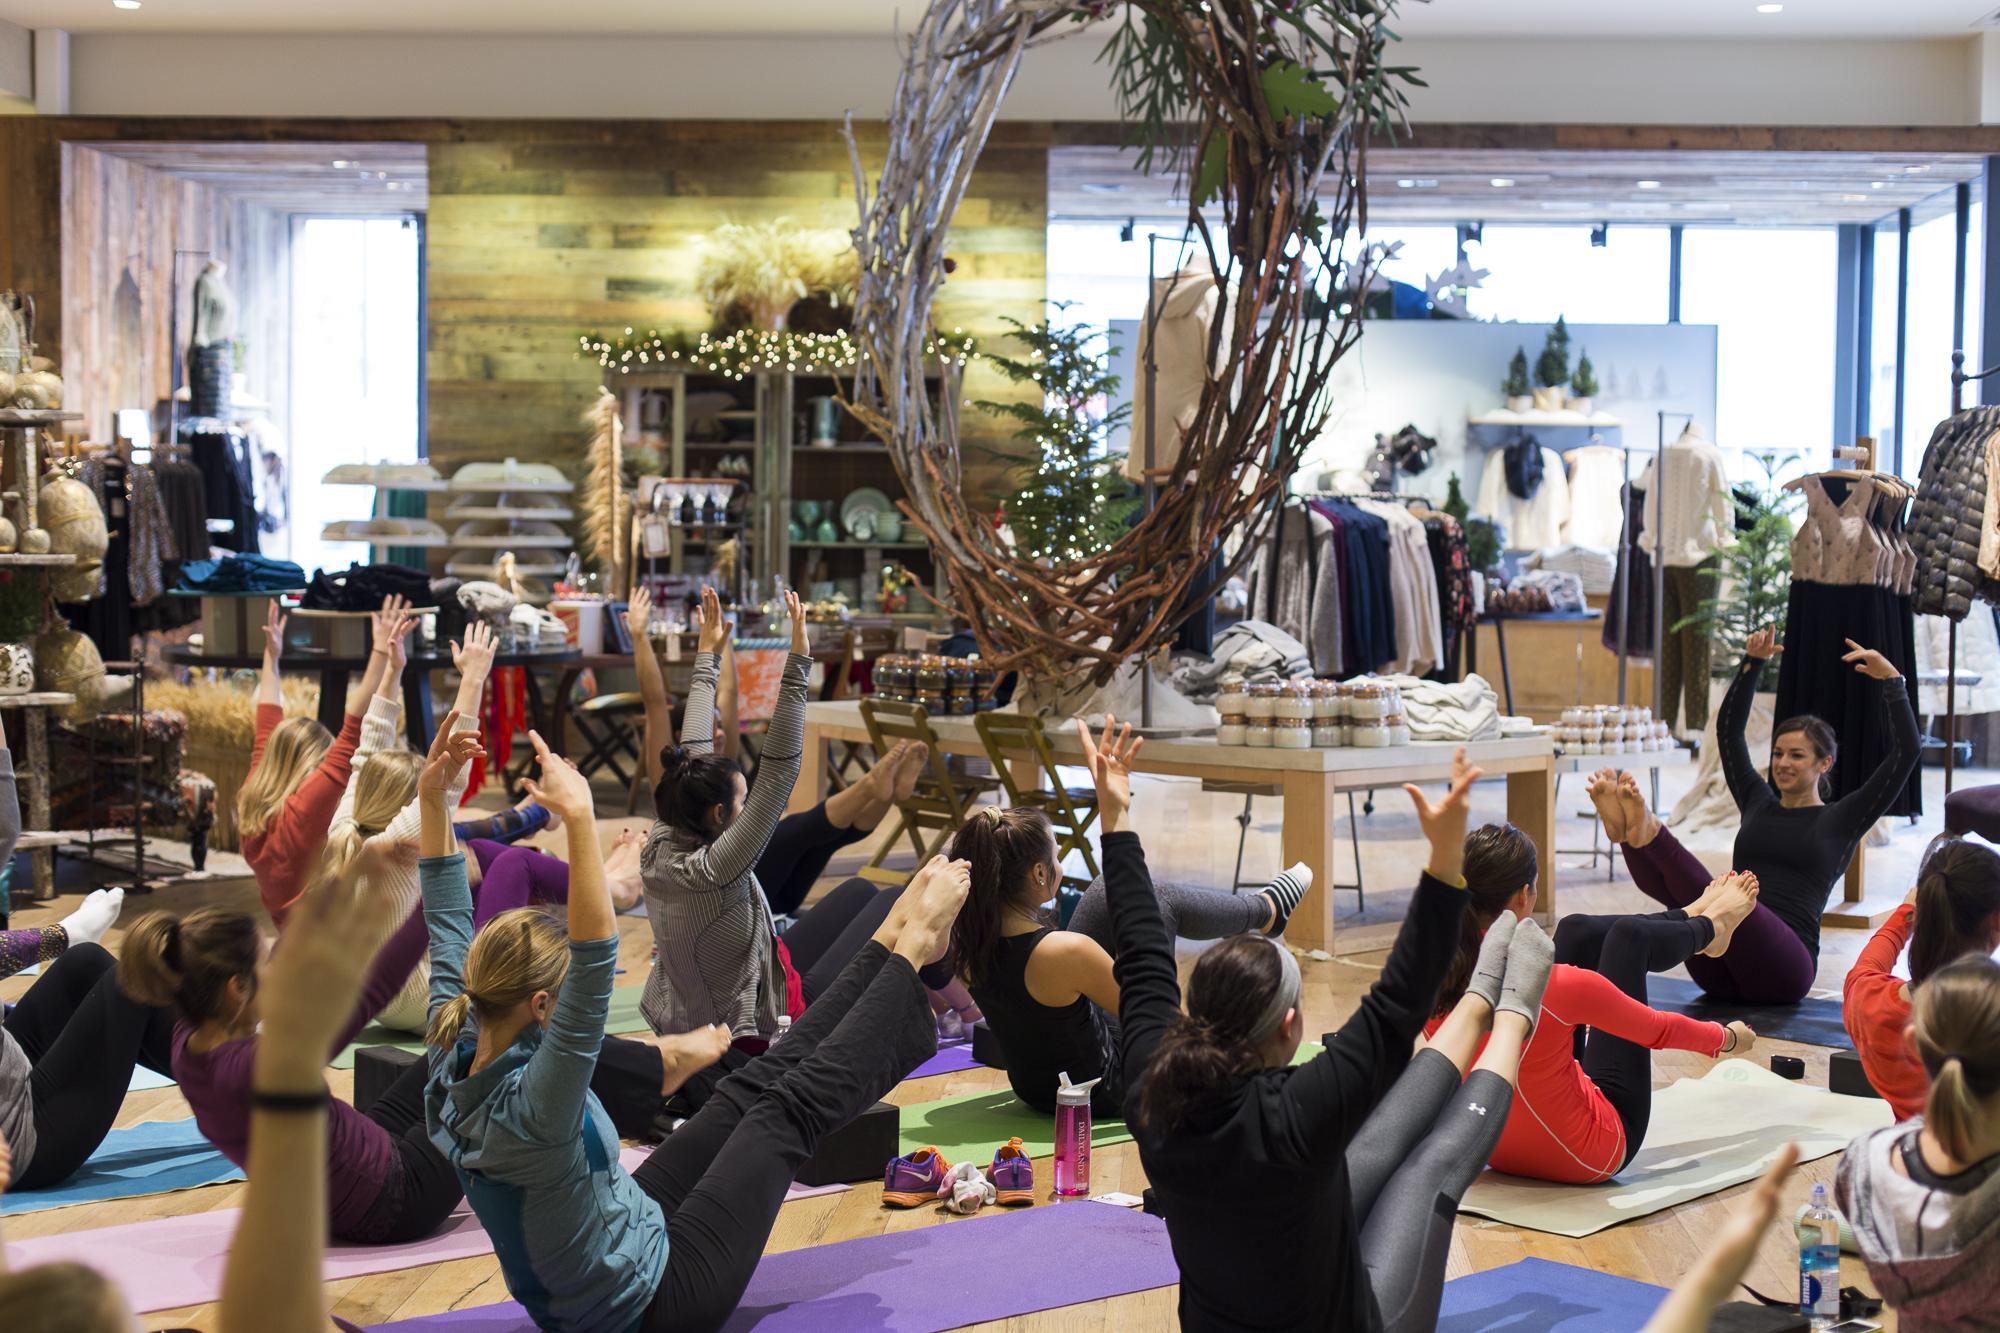 yoga-plus-anthropologie-seasonal-styling-workshop-353.jpg